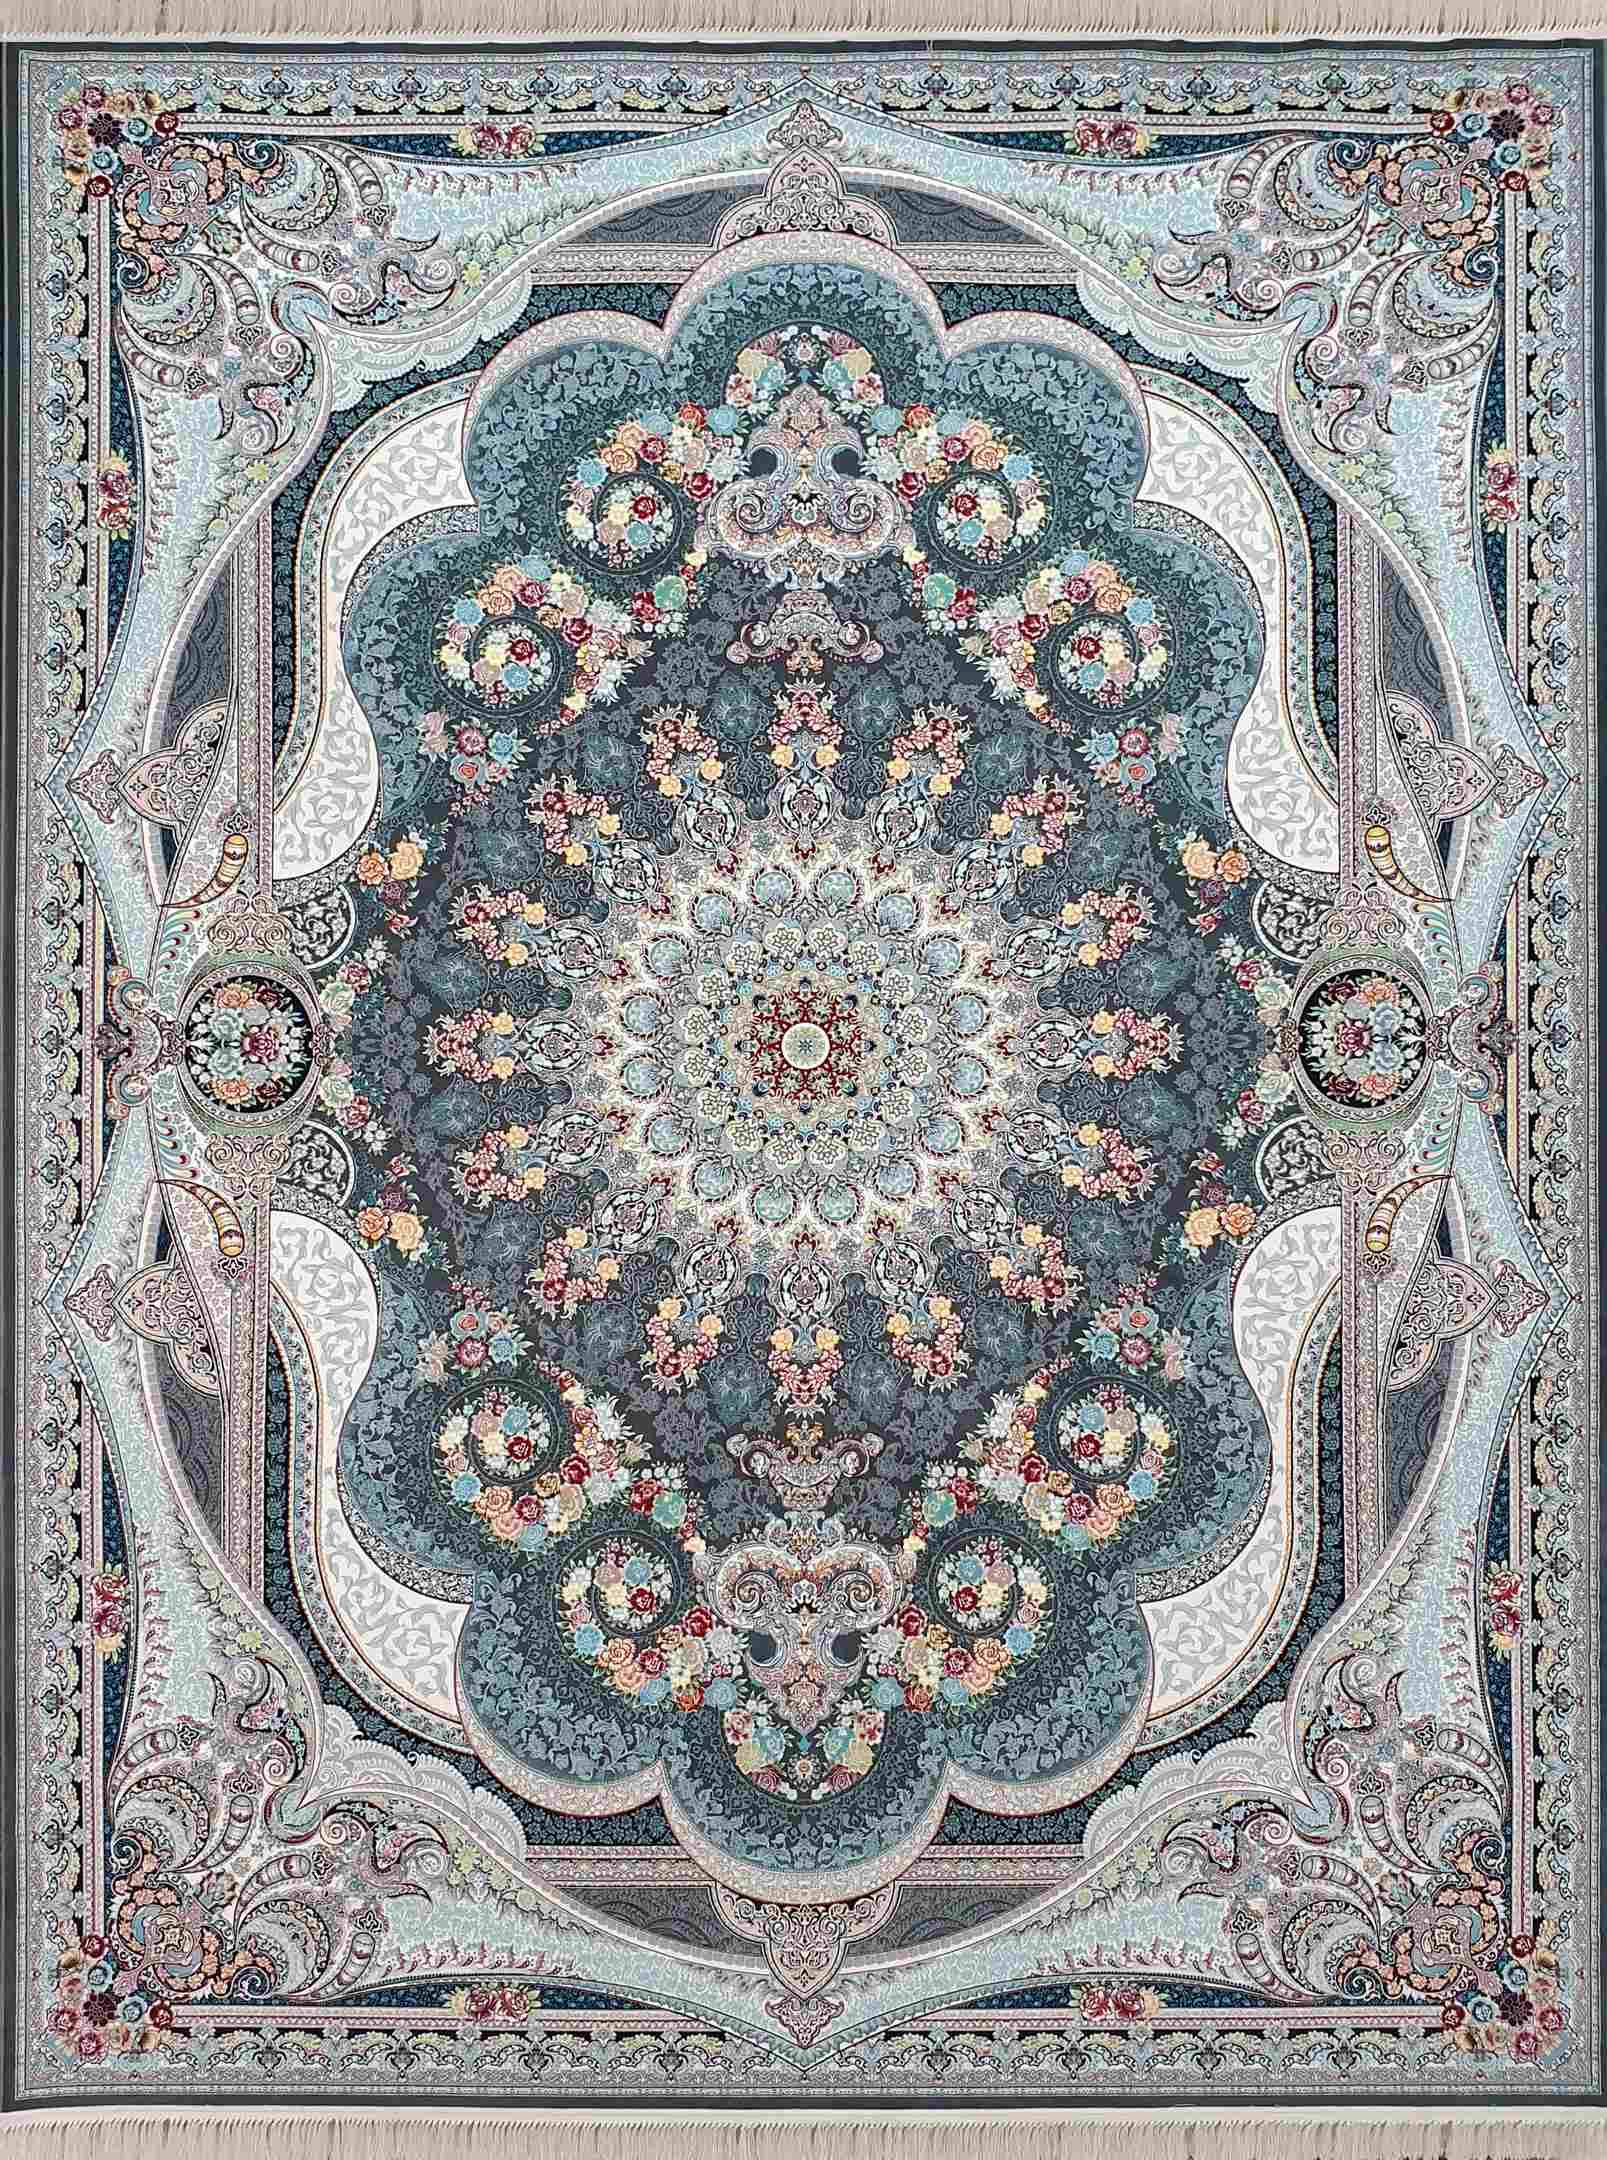 فرش بدون حاشیه شاهچرغ رنگ دودی 1200 شانه